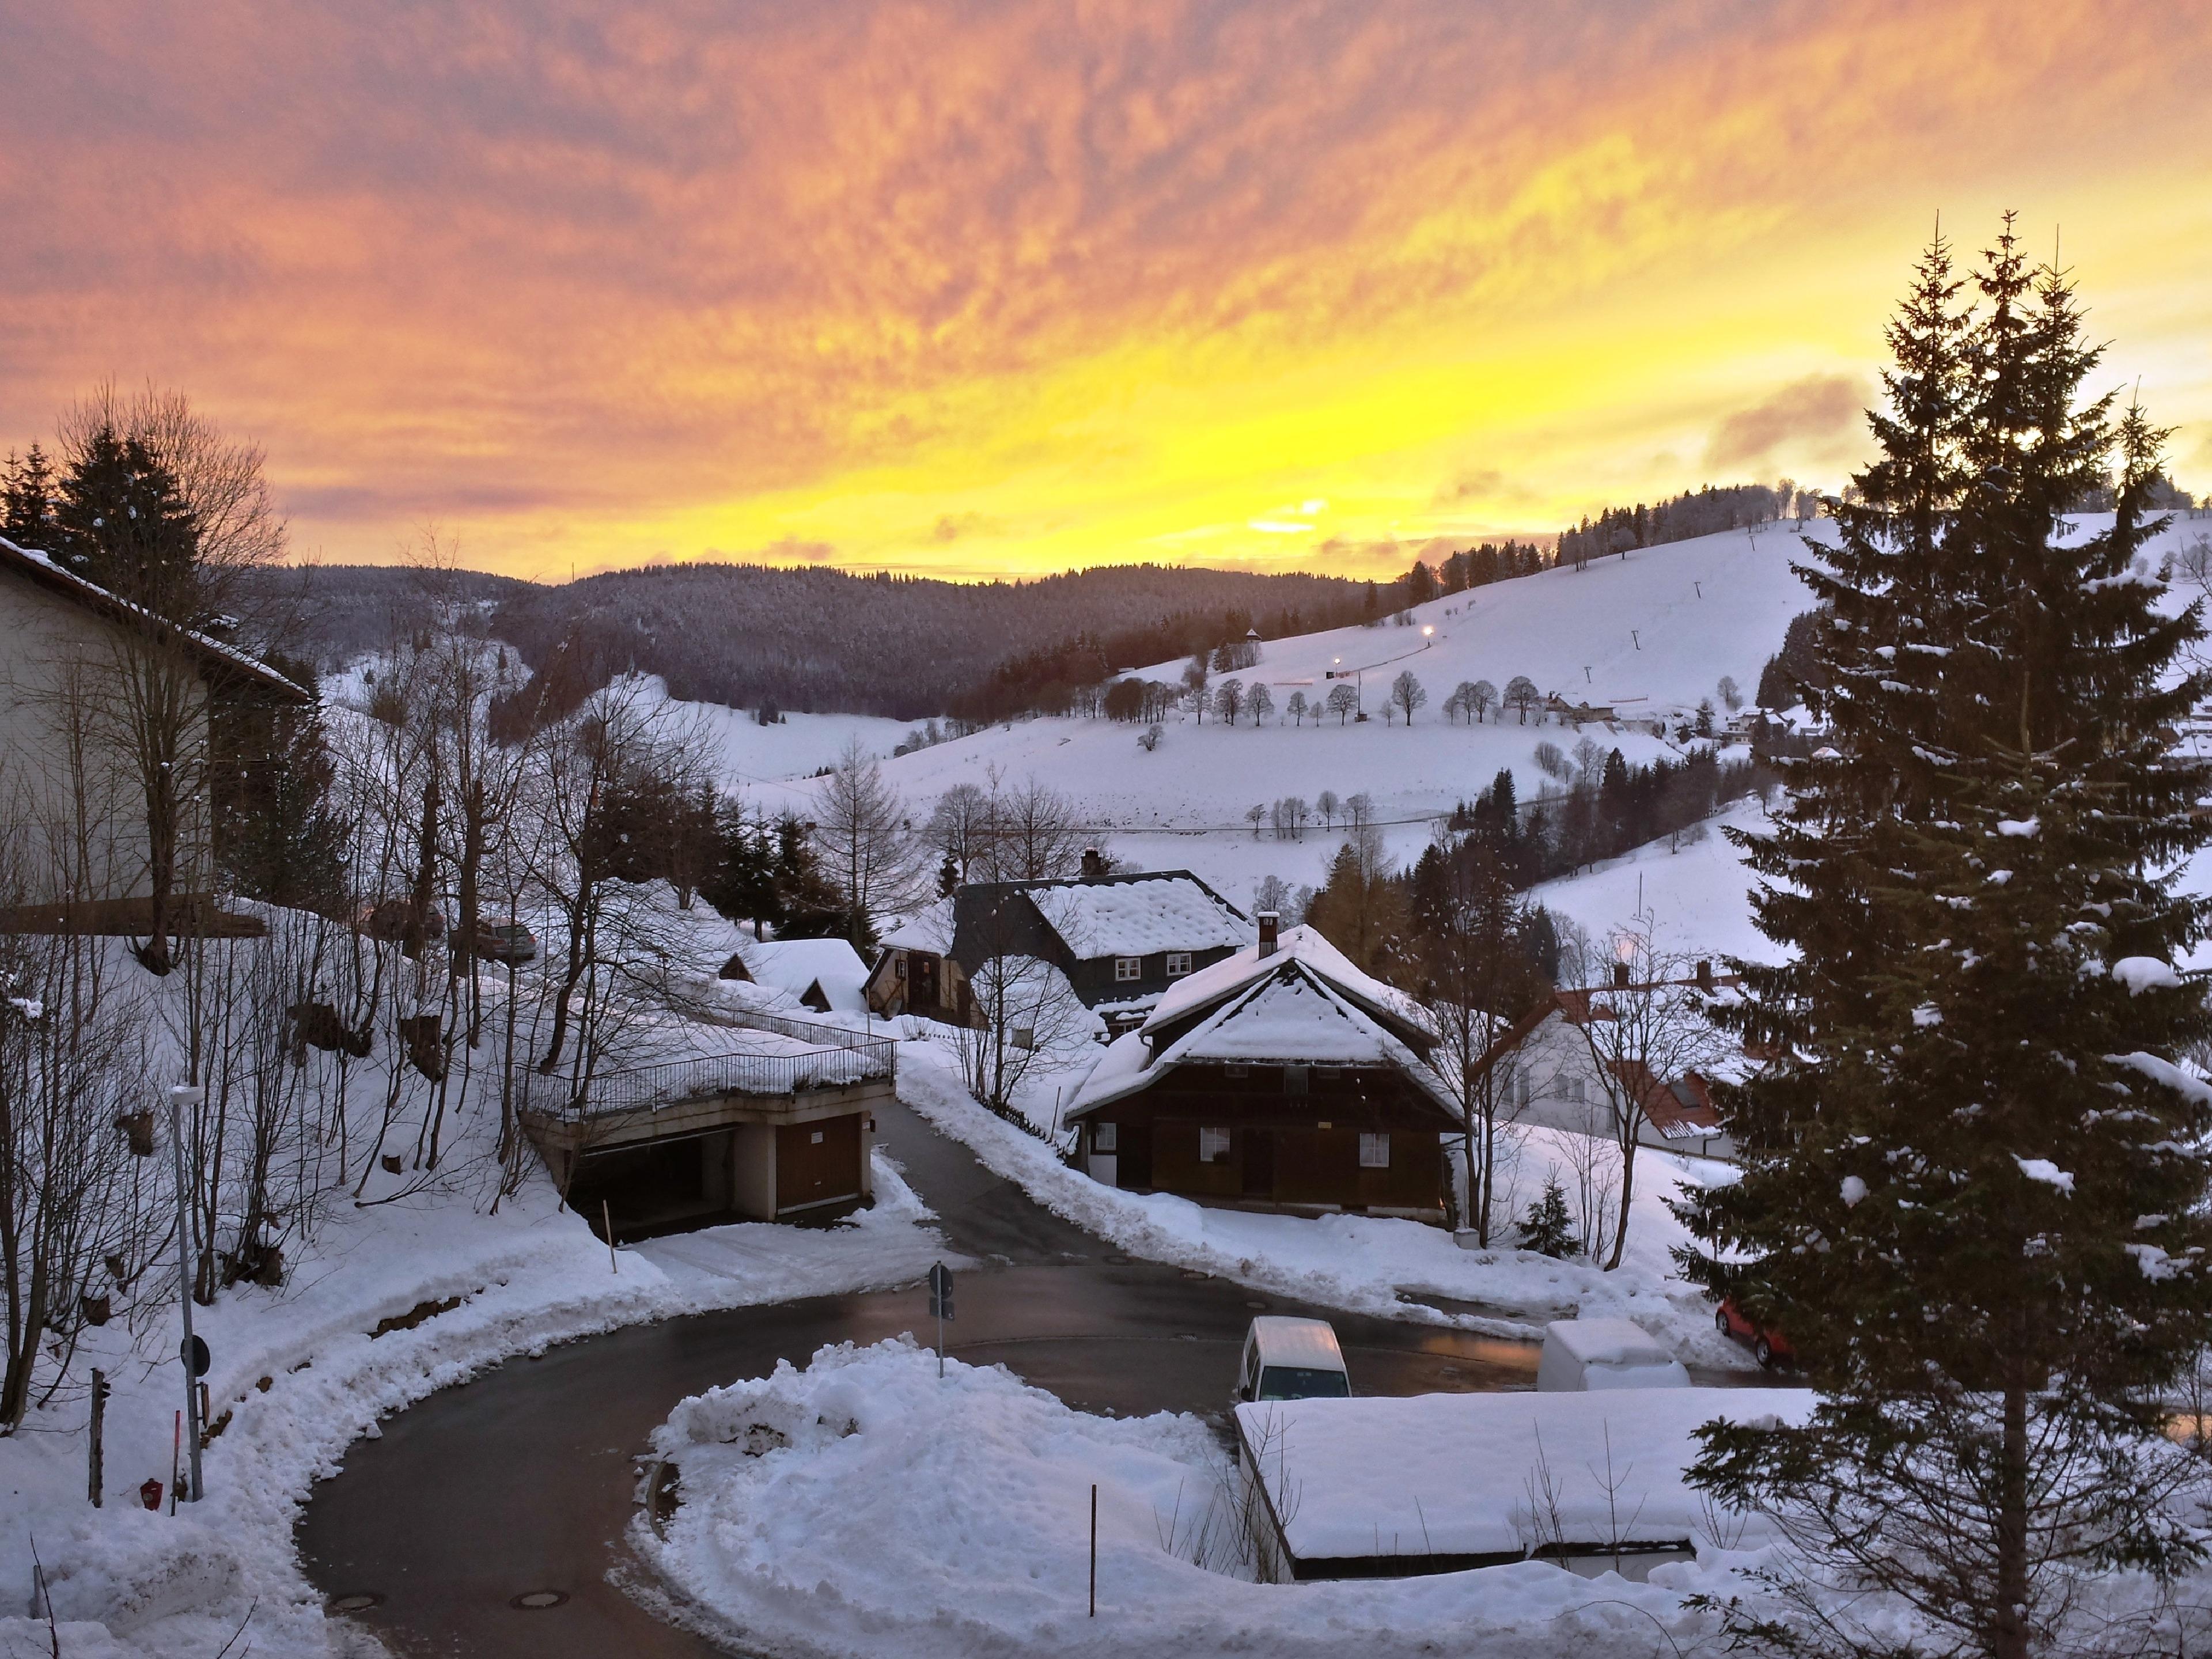 Ferienwohnung Fewo 5 -  Residenz Schauinsland- mit Pool und Sauna , Todtnauberg bei Feldberg (2641684), Todtnau, Schwarzwald, Baden-Württemberg, Deutschland, Bild 24